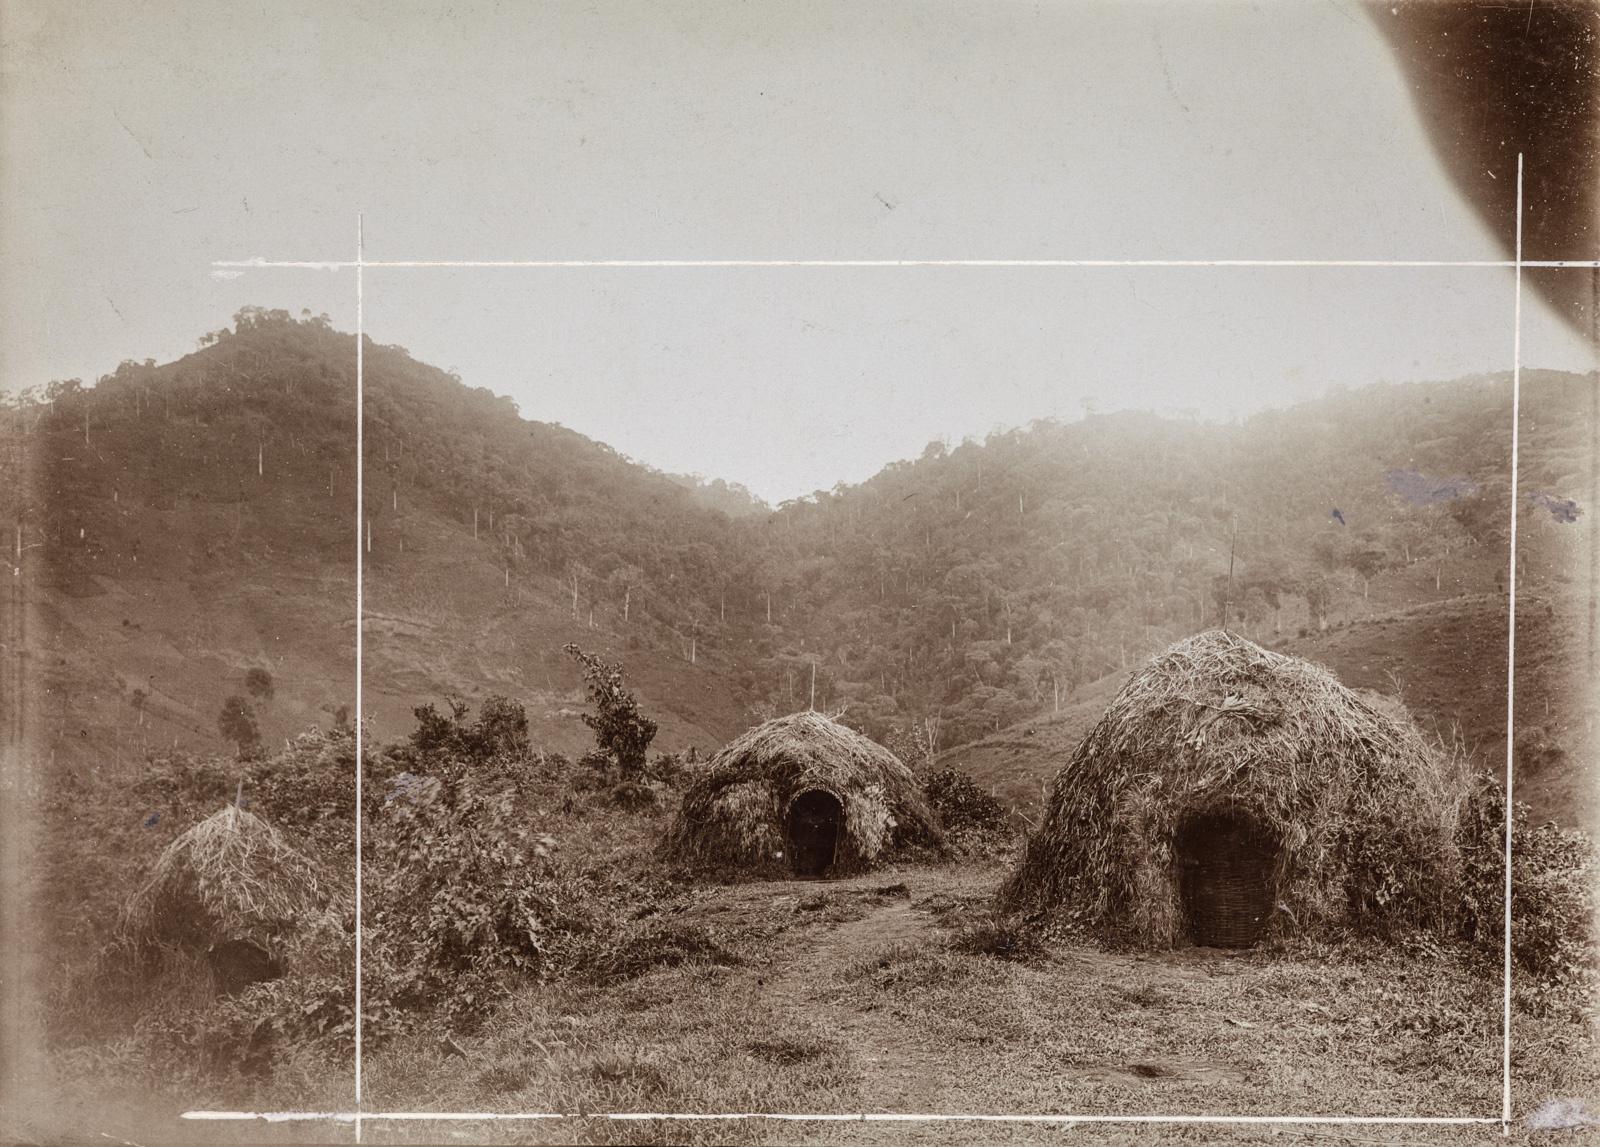 Поселение с соломенными хижинами